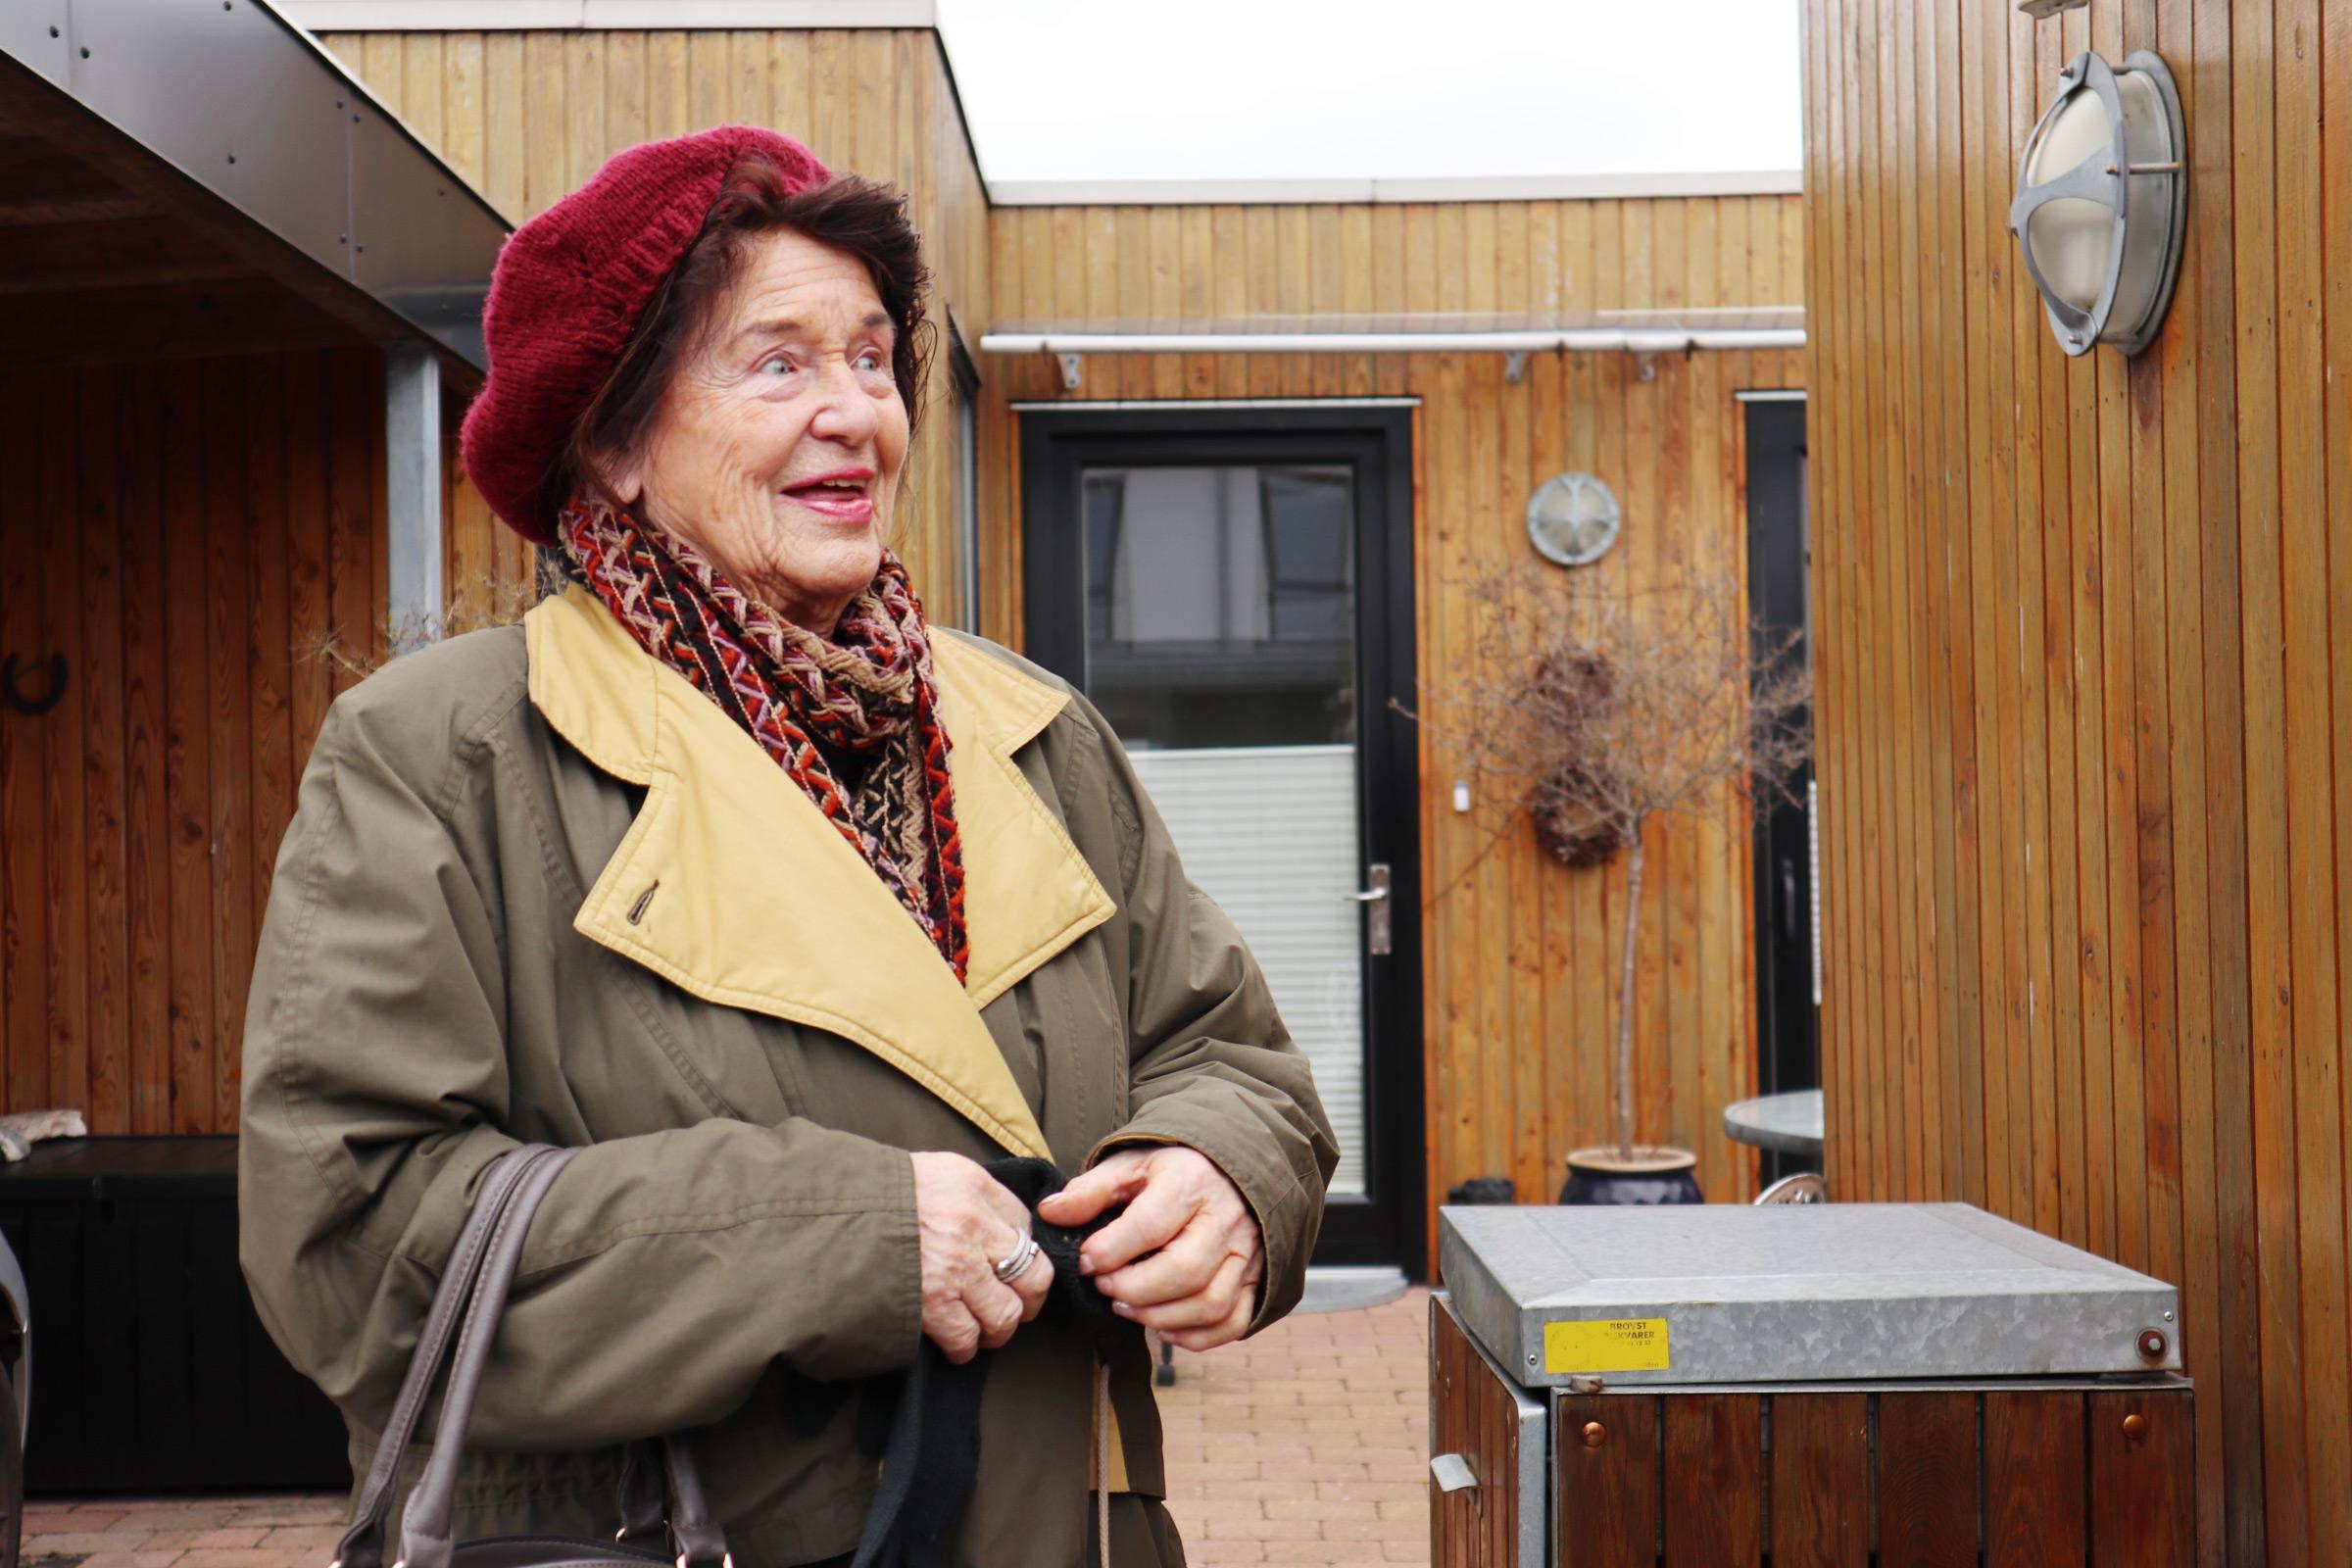 Irene Andersen